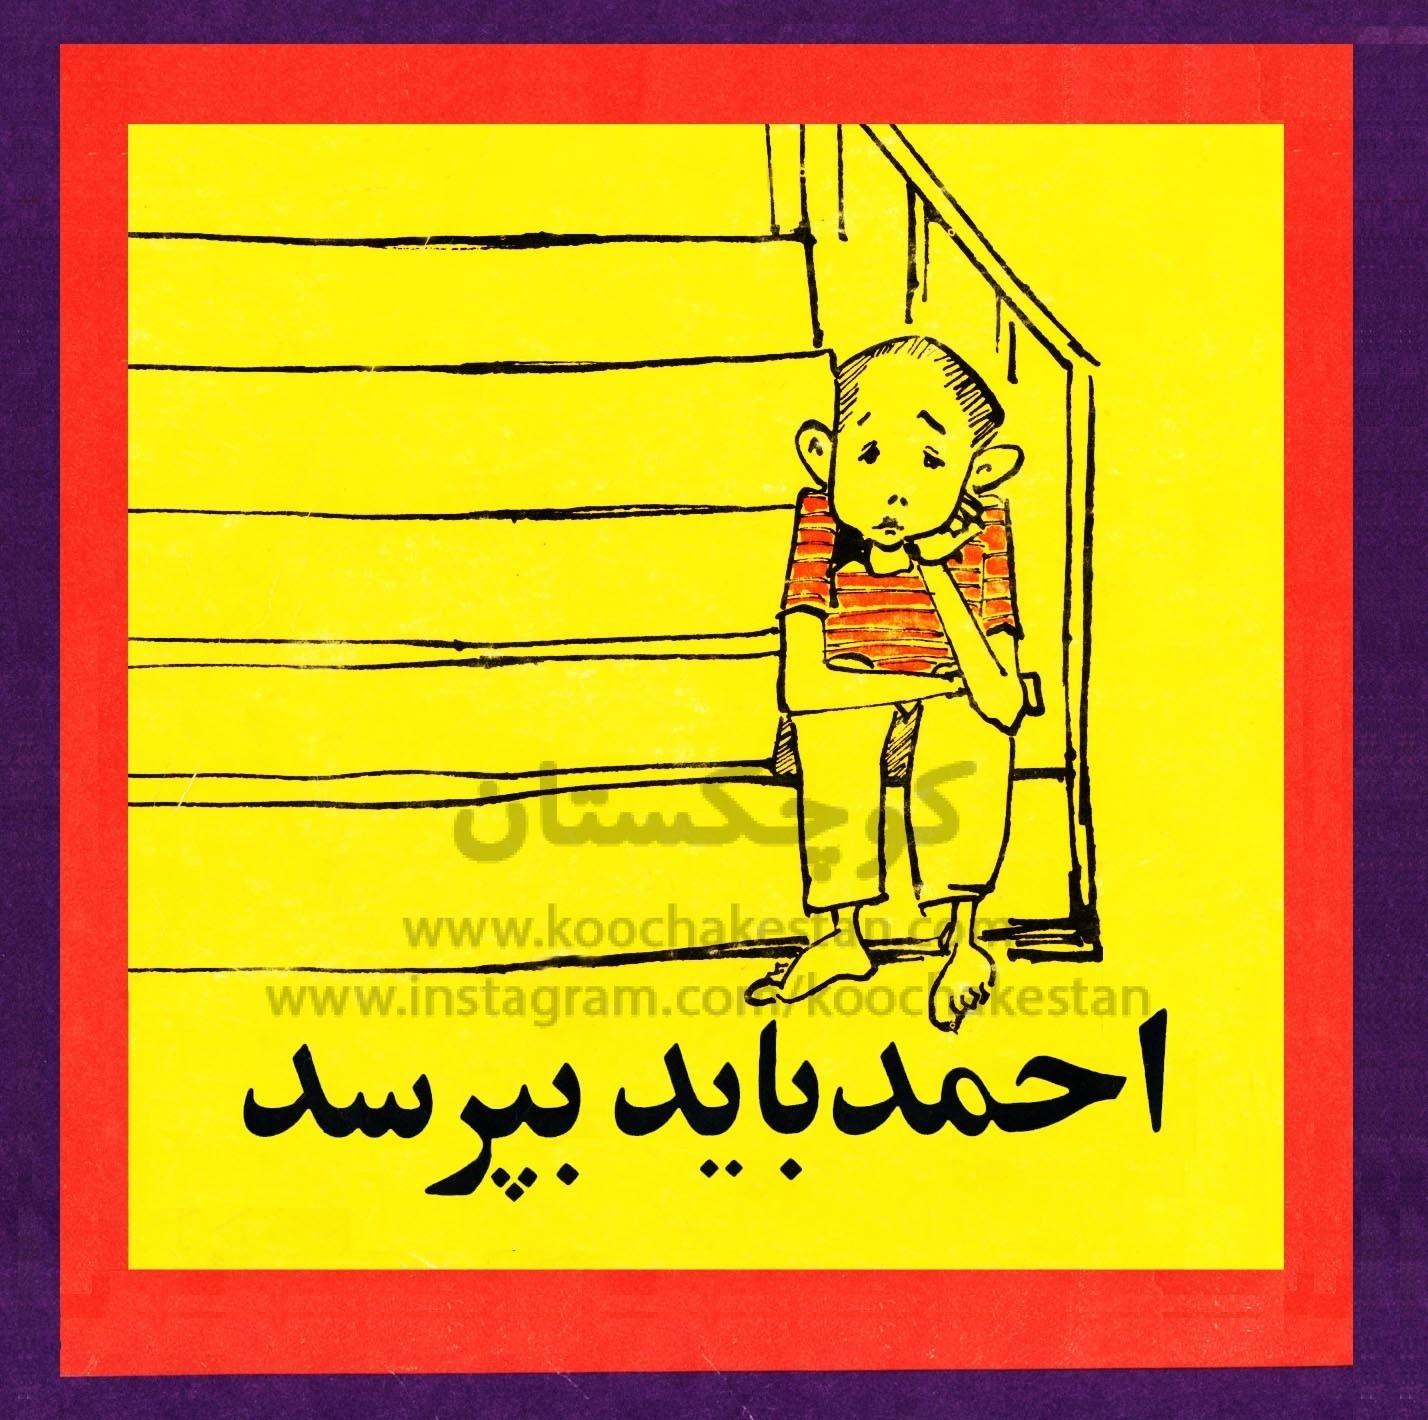 احمد باید بپرسد - کتابخانه کودک